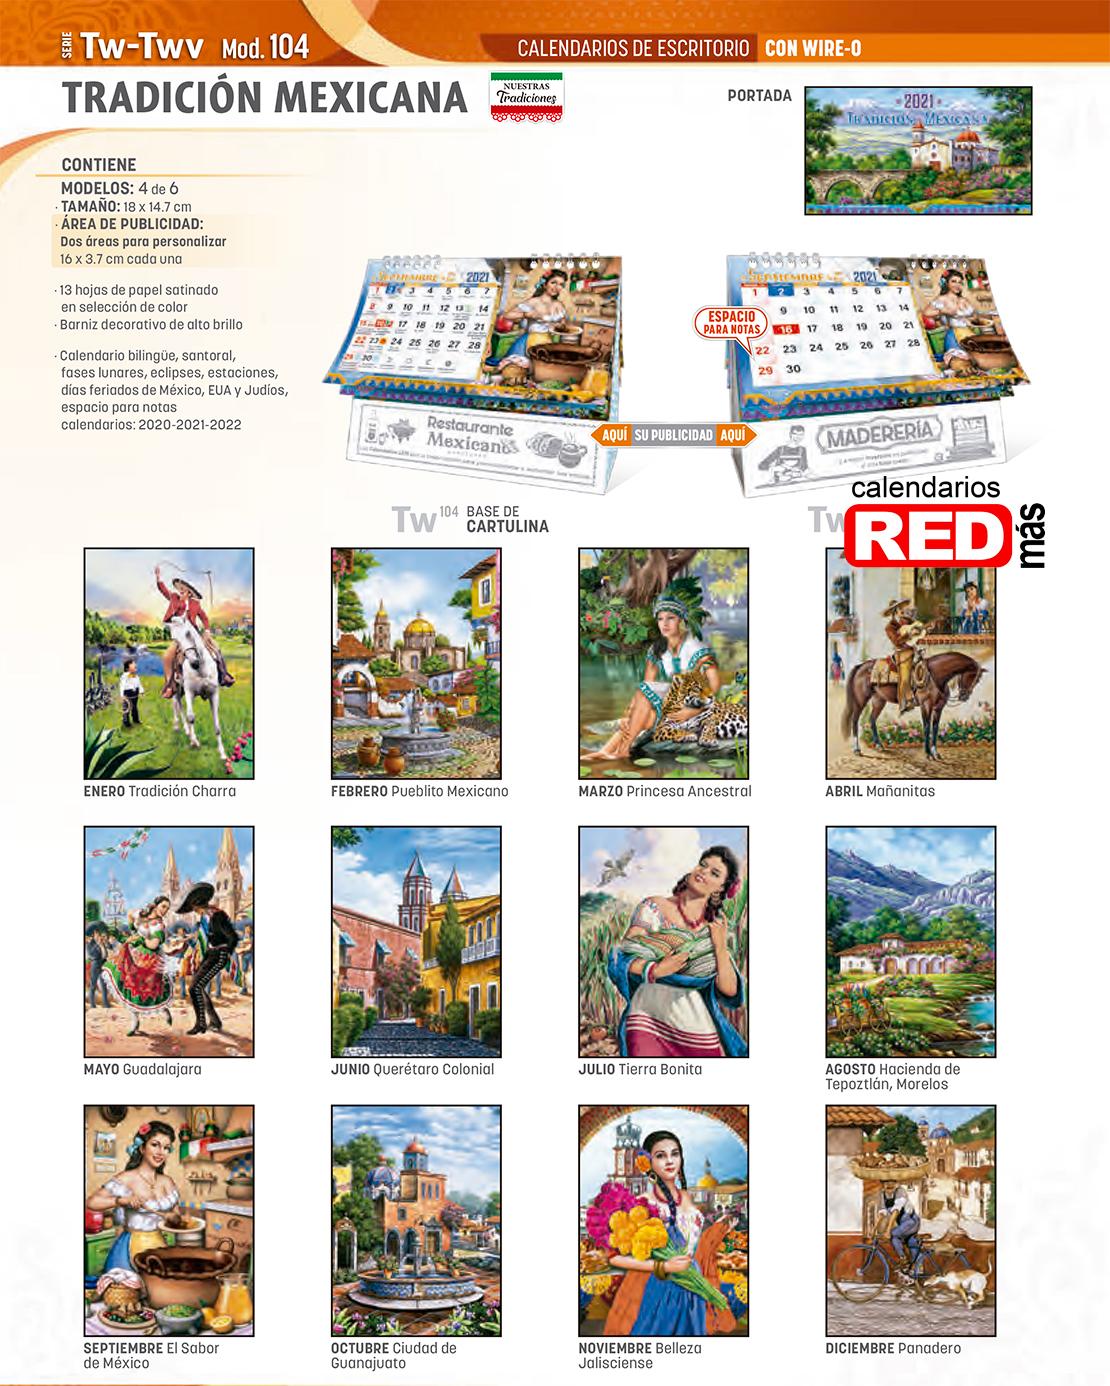 08-Catalogo-Calendarios-LEN-2021-tradicion-mexicana-mod-104.jpg